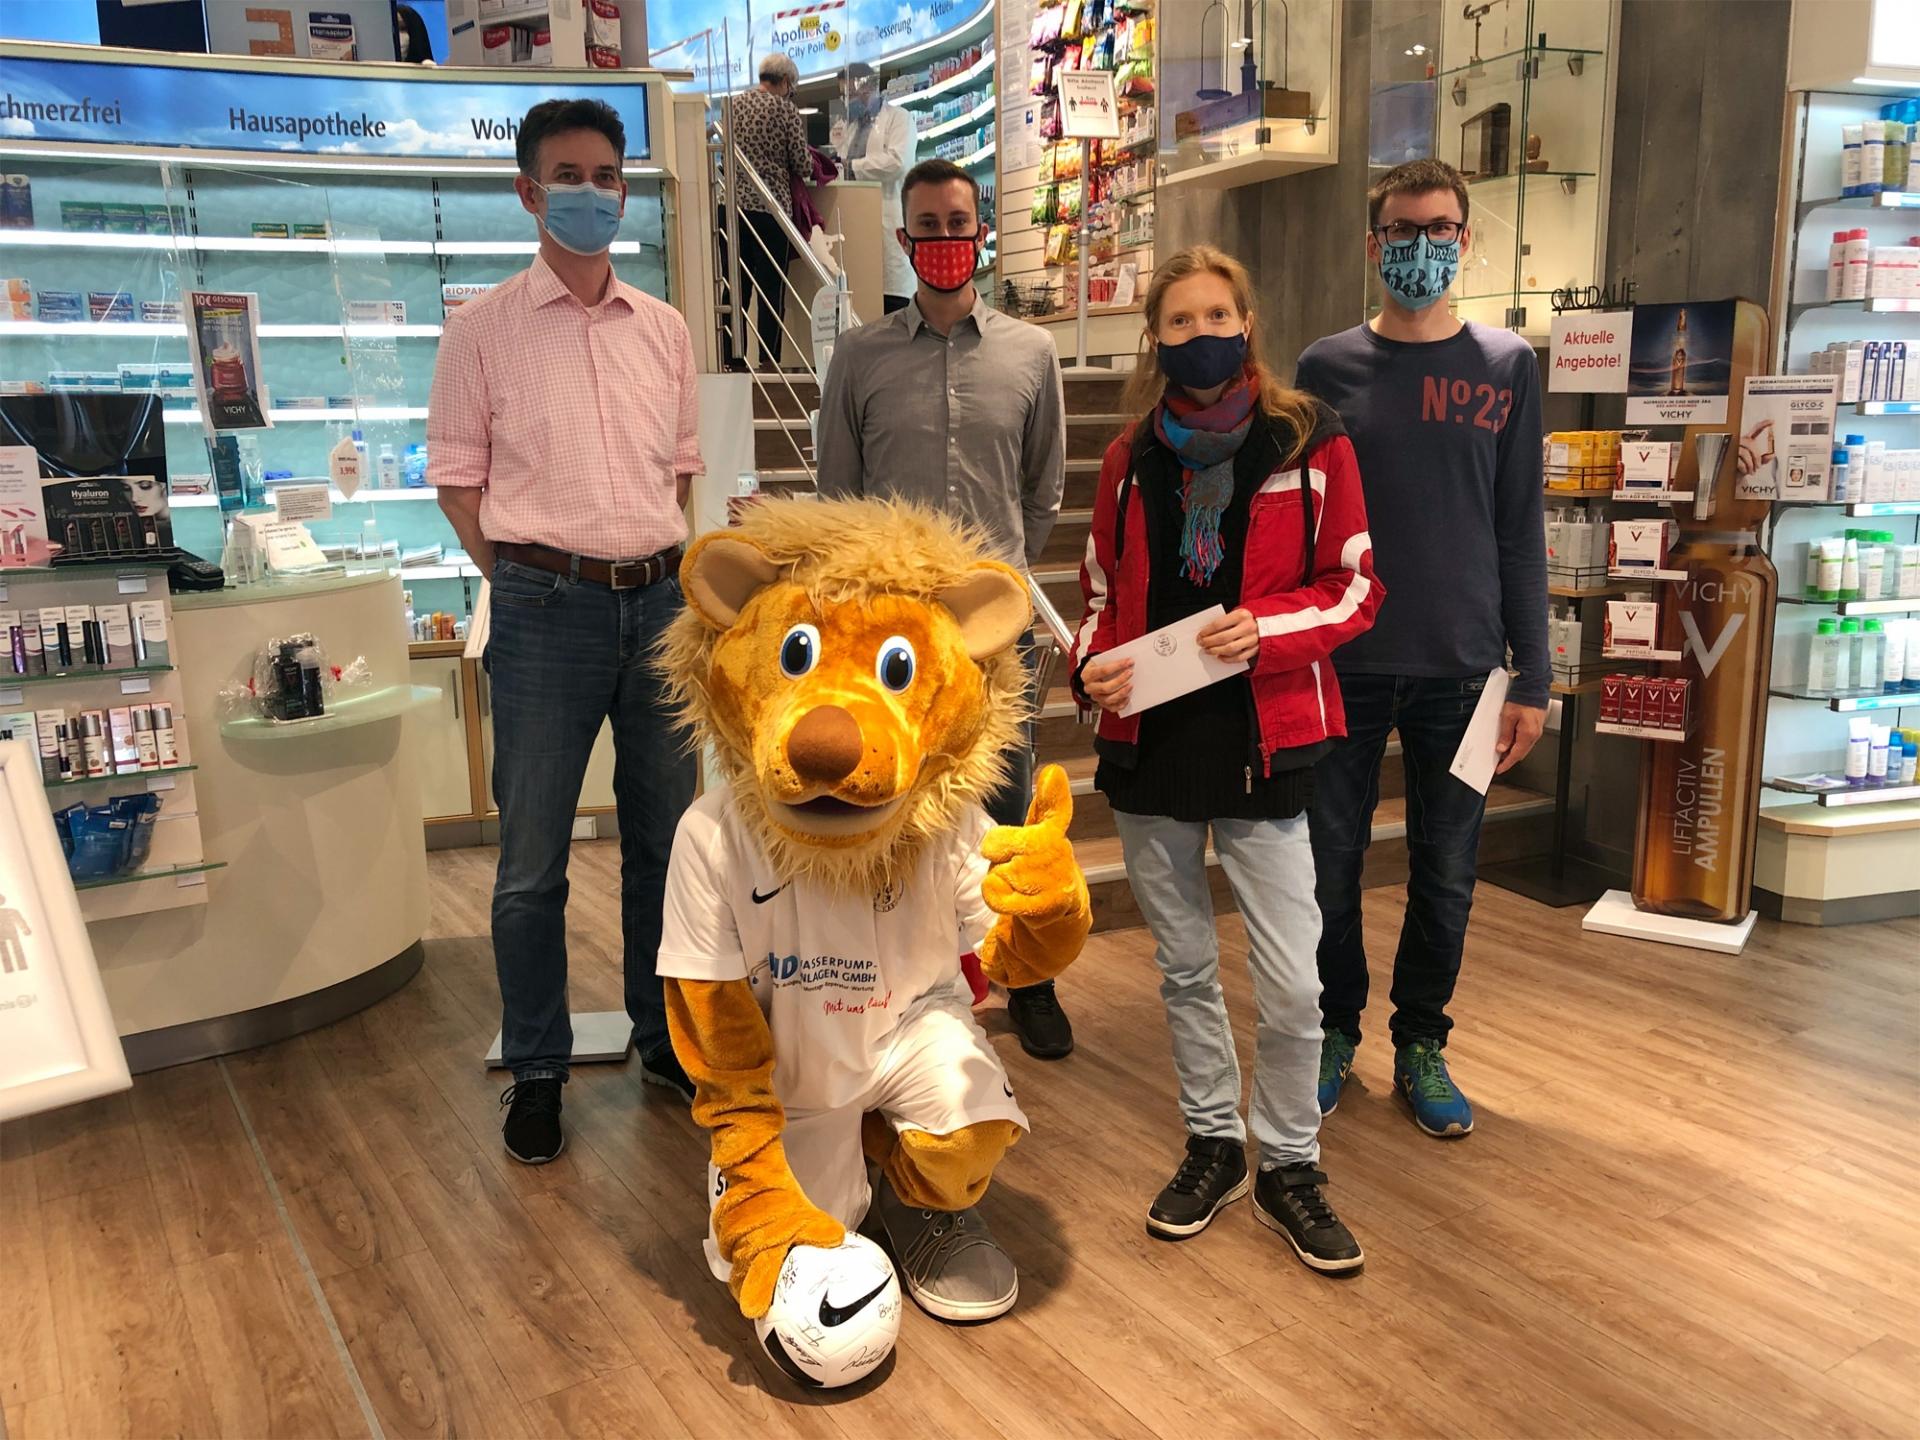 Herr Waschk (Inhaber der Apotheke), Totti mit dem Hauptgewinn, Dennis Frank-Böckmann (KSV-Marketing), Carolin Schwarz (2. Platz), Tim Kuhnert (Trostpreis)